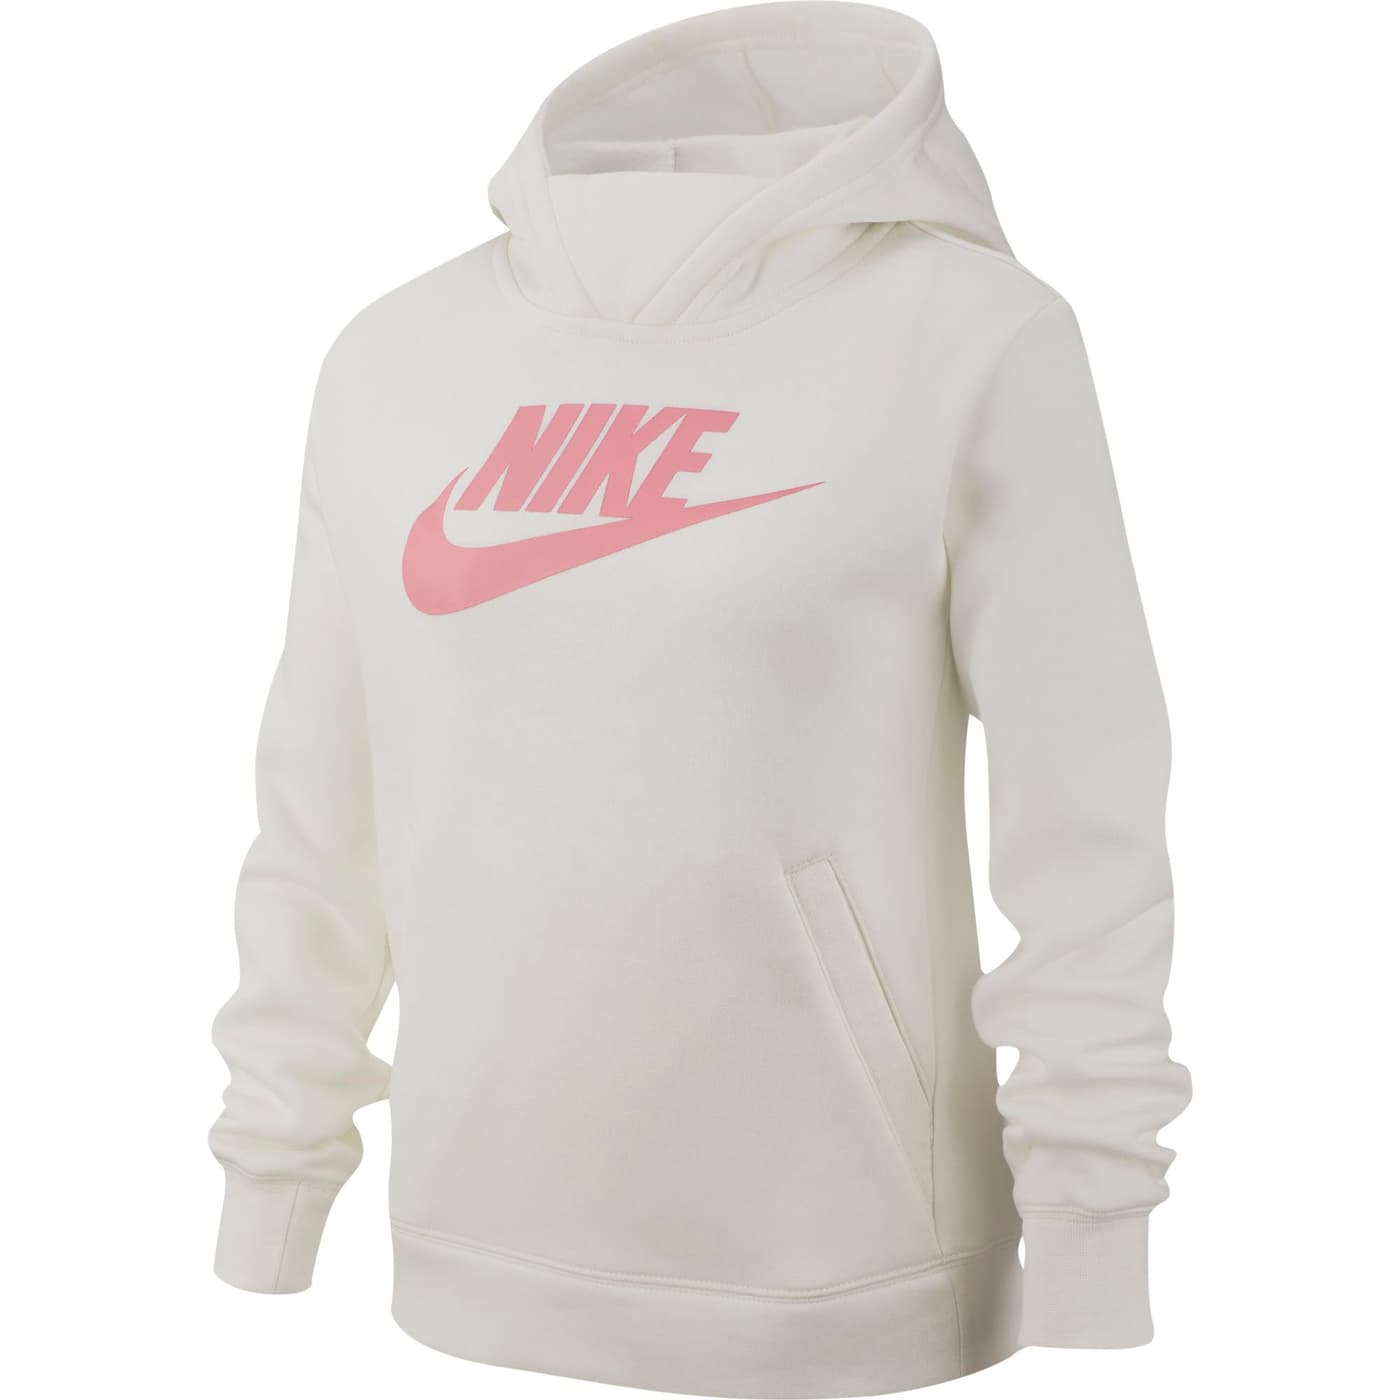 exquisites Design Treffen heißer verkauf billig Nike Sportswear Hoodie Mädchen-Kapuzenpullover